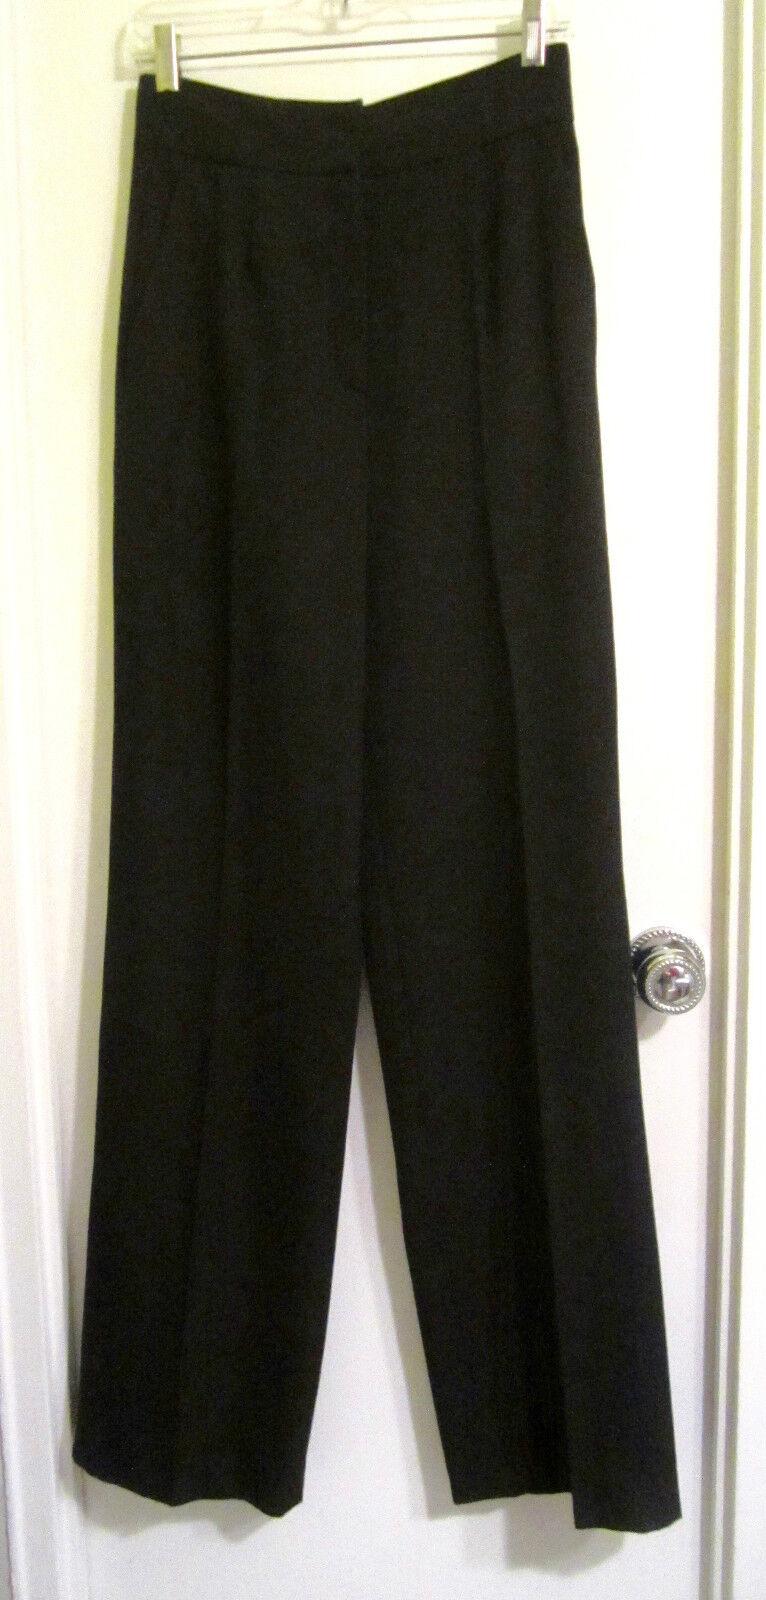 Prada MILANO 42 Pantalones Pantalones S  6 Negro de Lana de cintura alta Italia  te hará satisfecho